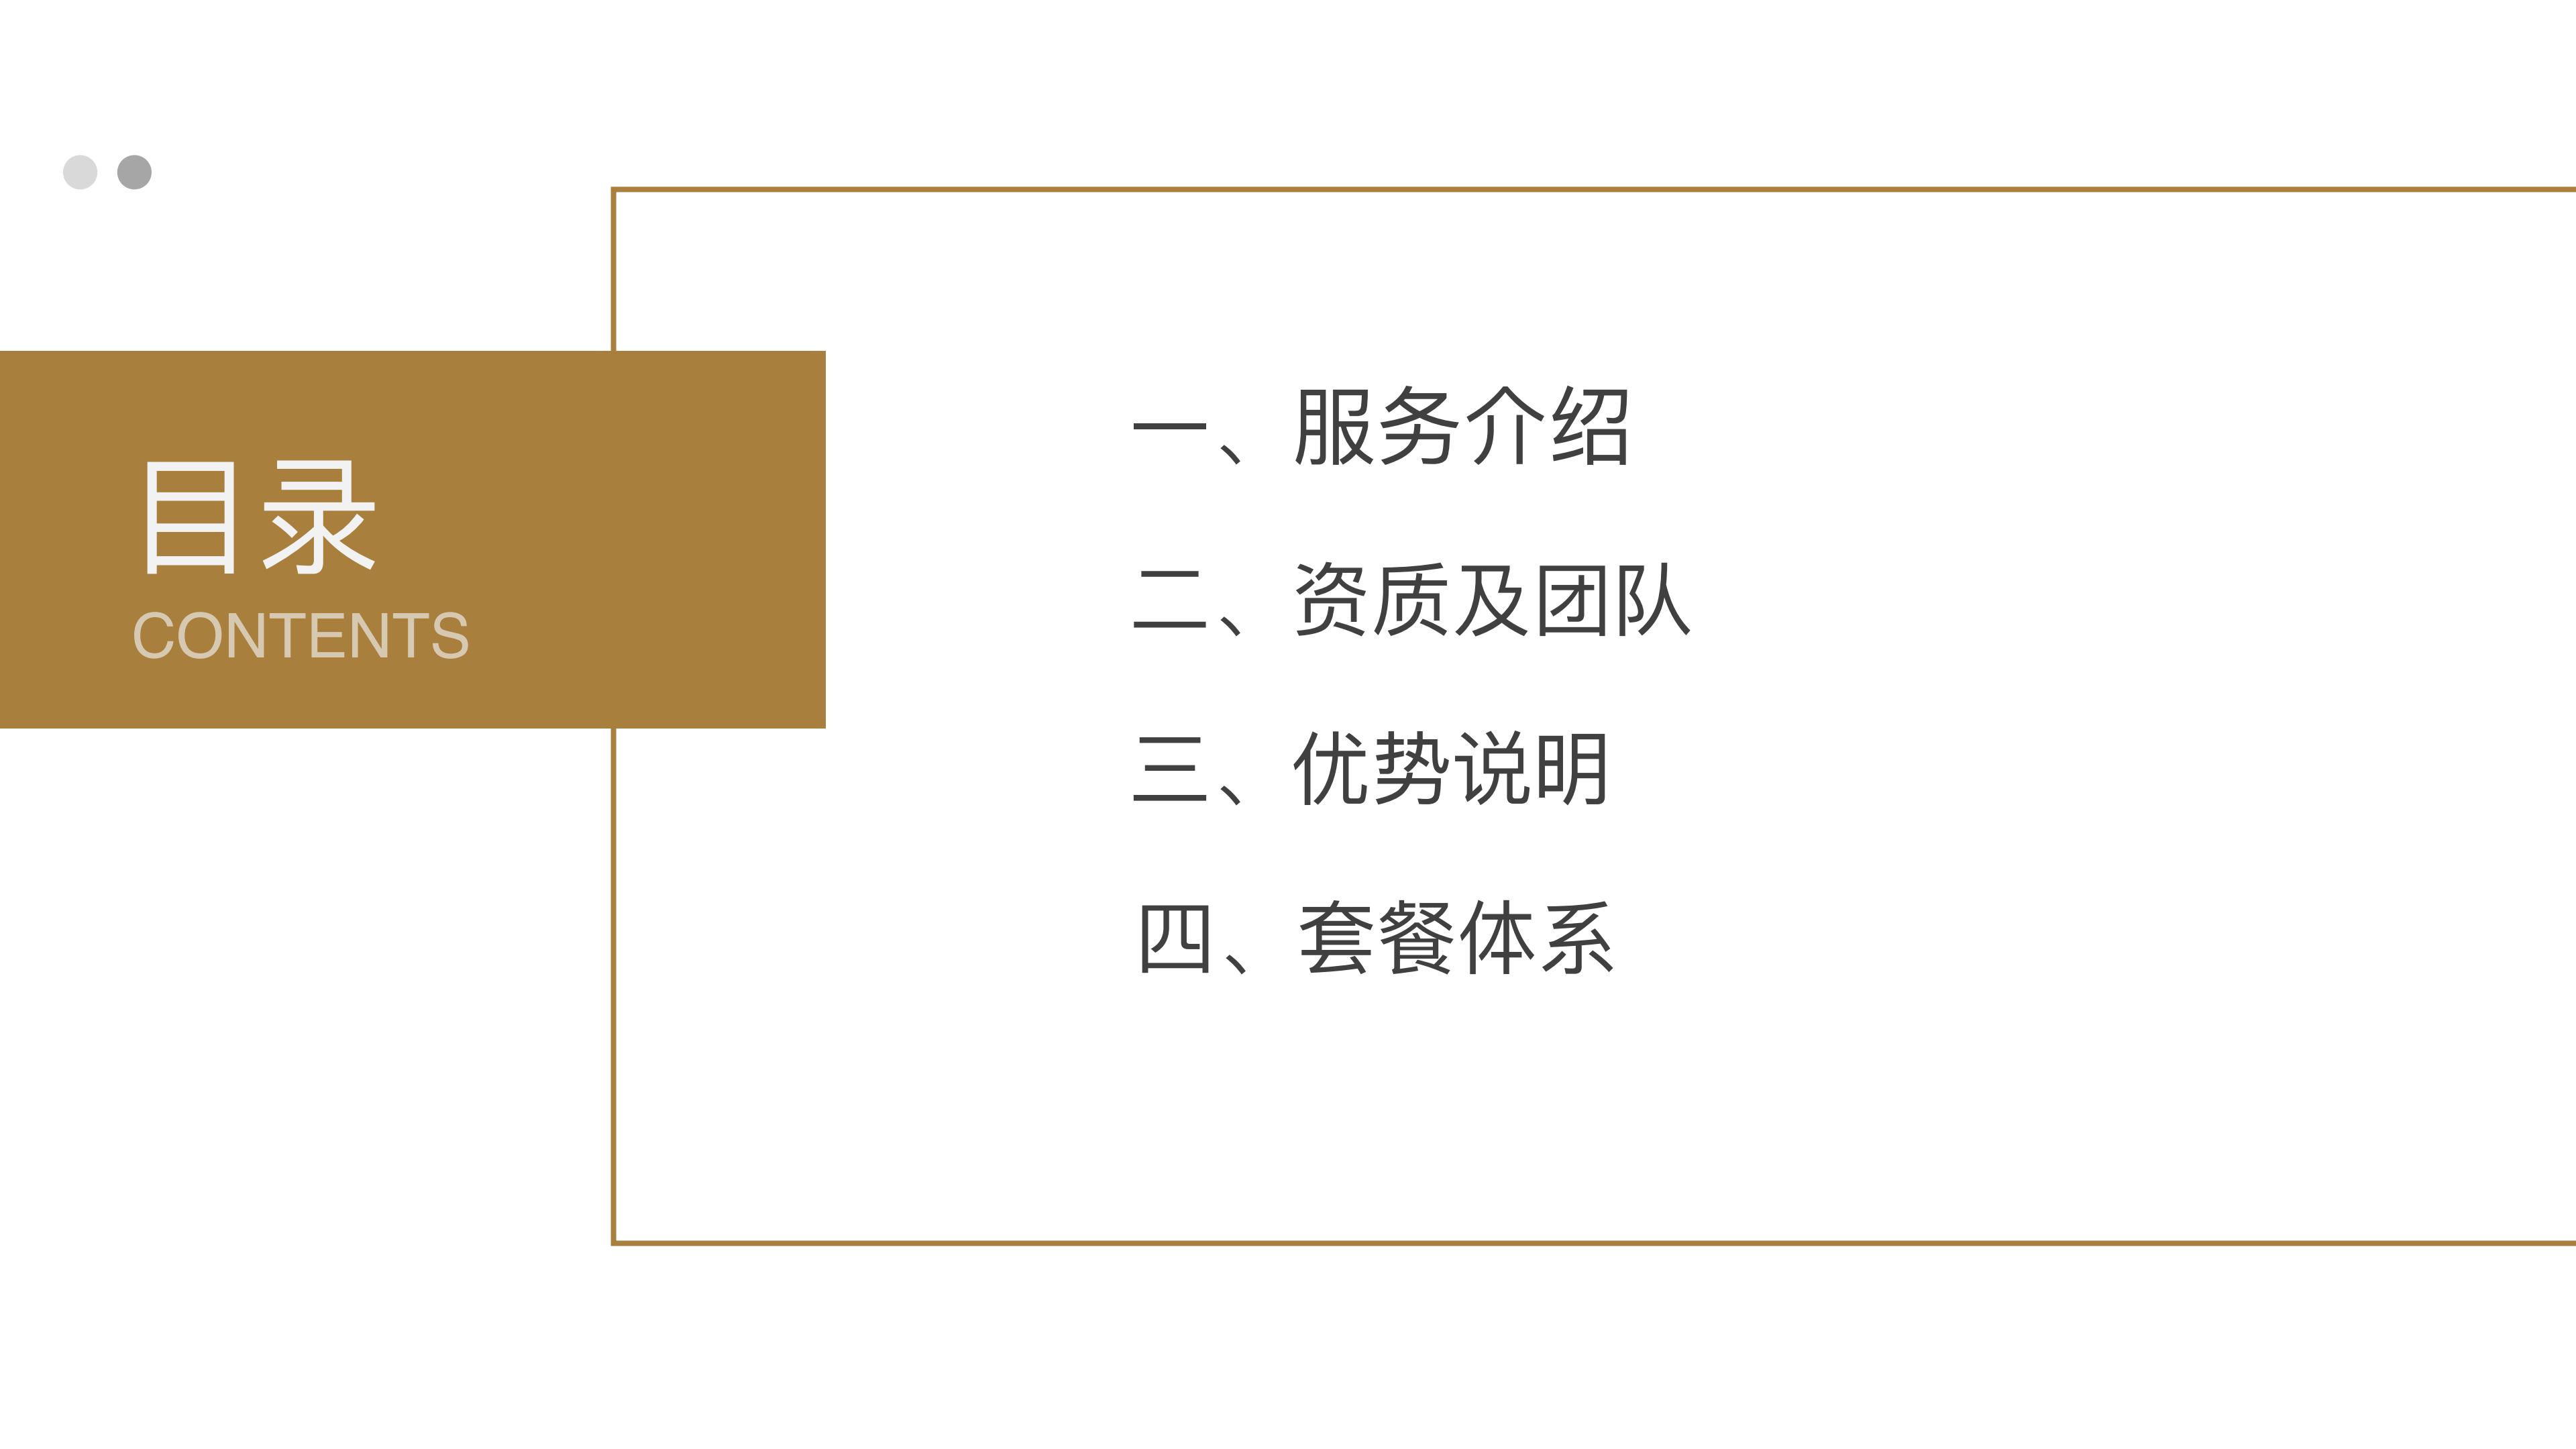 护架卫士产品介绍1.2_03.png